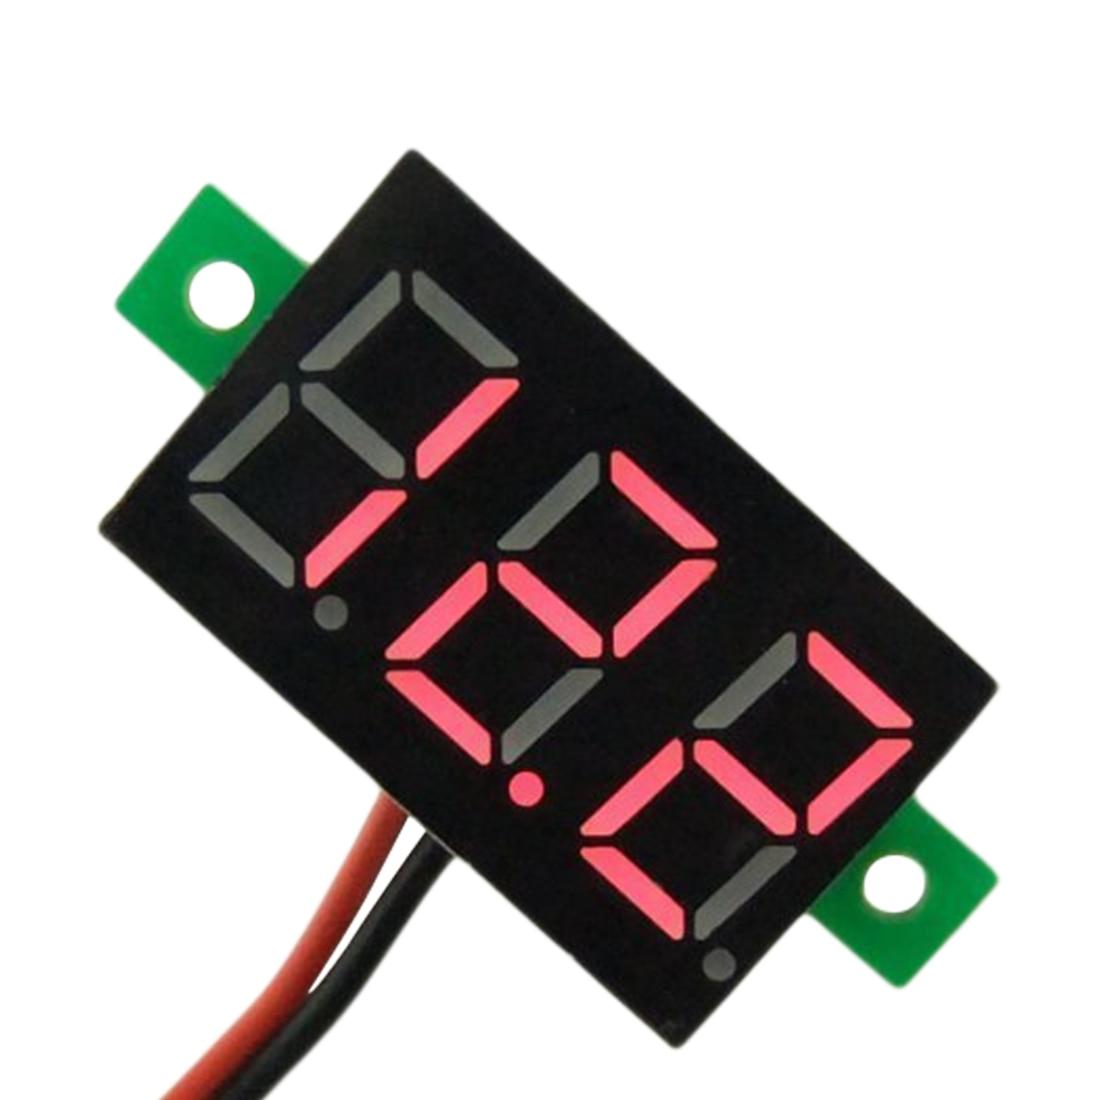 4.5V-30V Red Led Display Mini Digital Voltmeter Tester Voltage Panel Meter For Electromobile Motorcycle Car